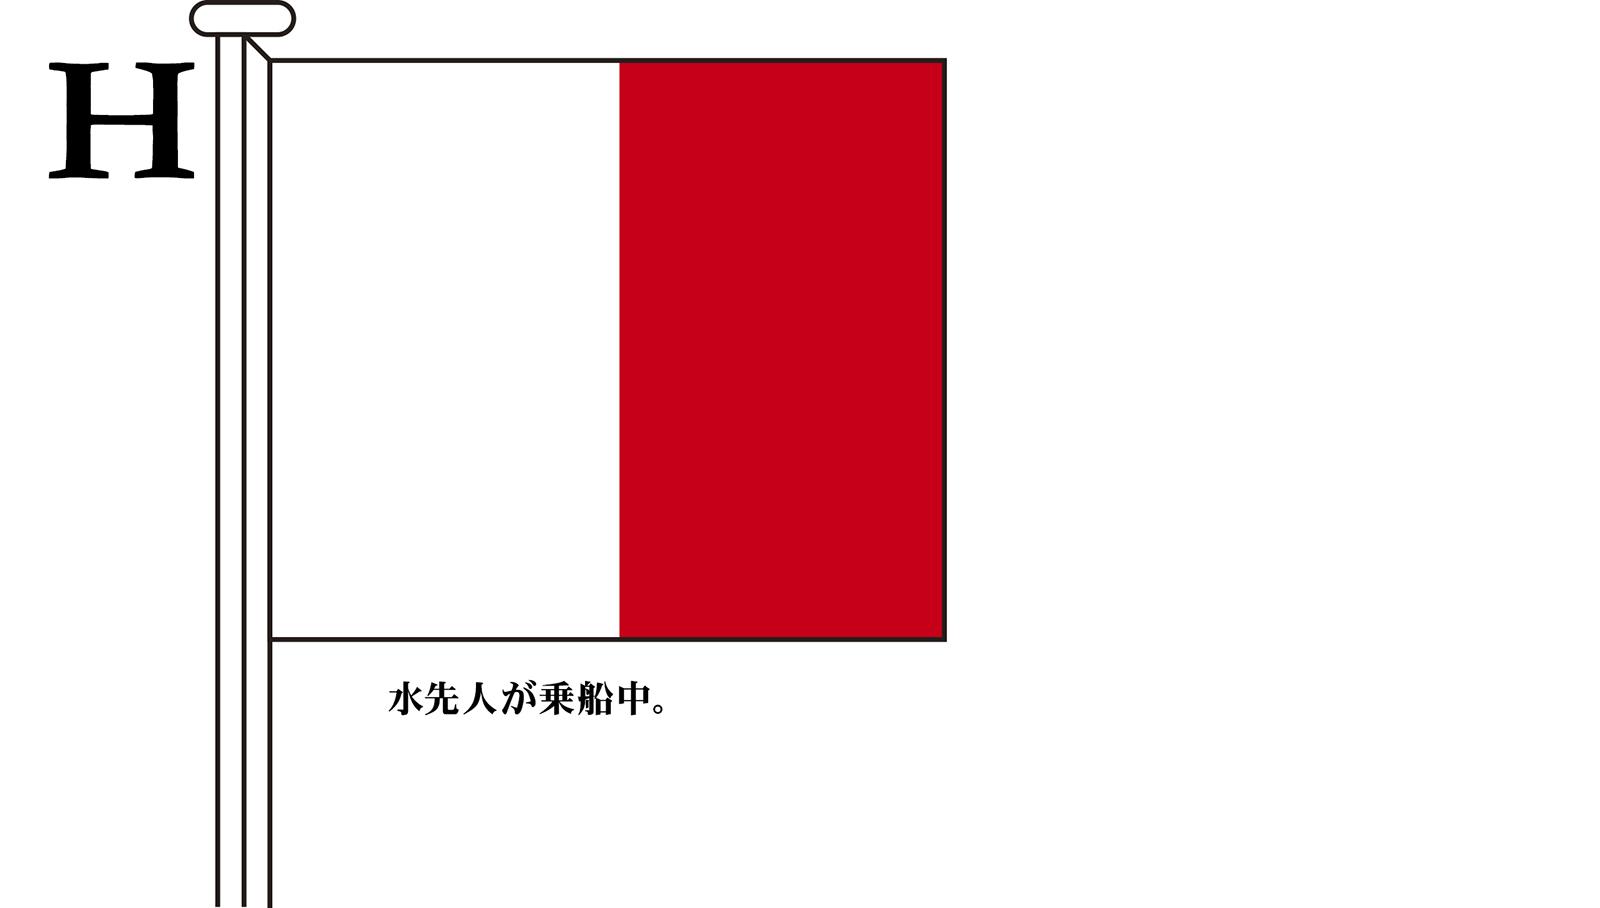 国際信号旗 文字旗 Alphabetical Flags【H】[3巾 中型:131×162cm・アクリル]